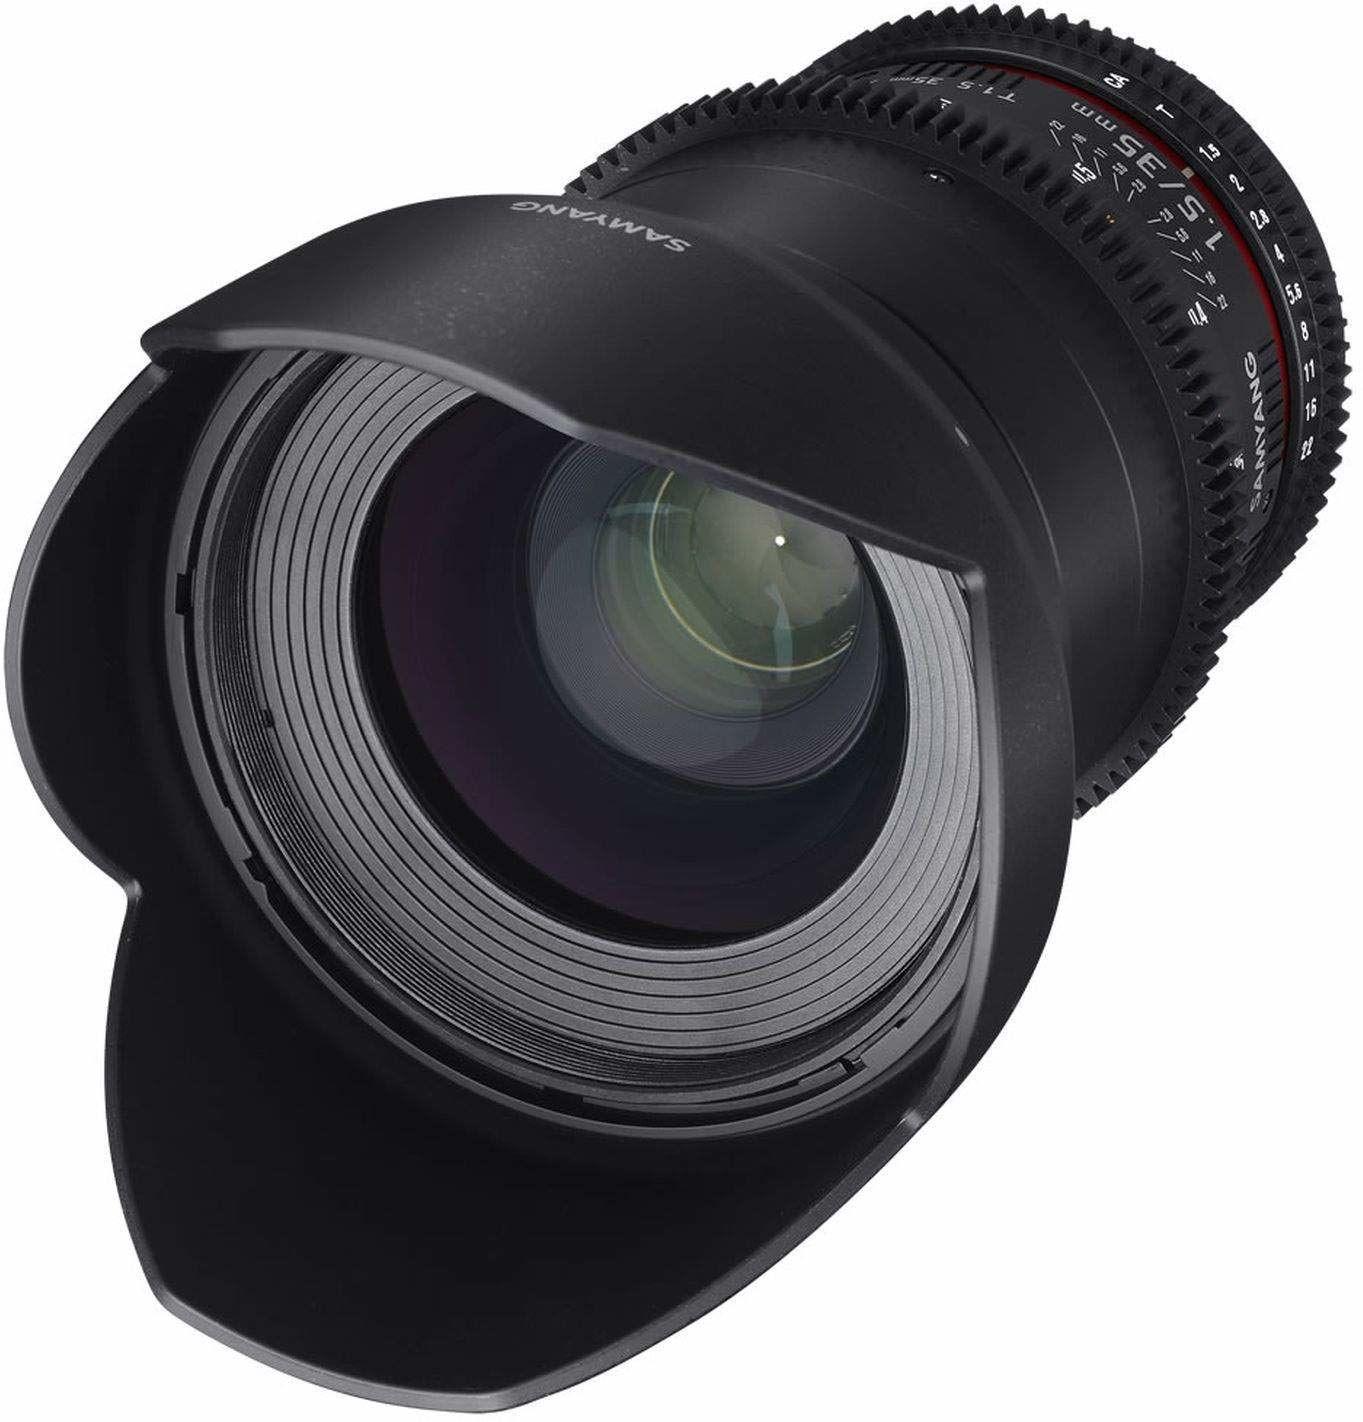 Samyang 35 mm T1.5 VDSLR II ręczny obiektyw wideo do kamery mikro cztery trzecie